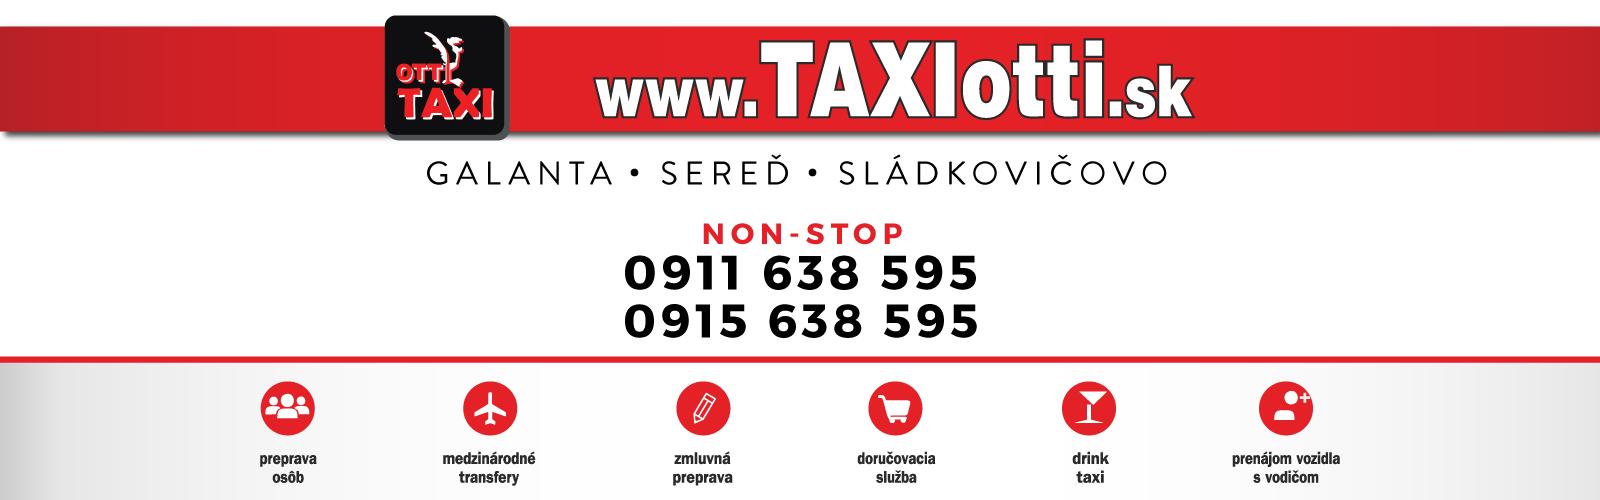 Taxi Otti